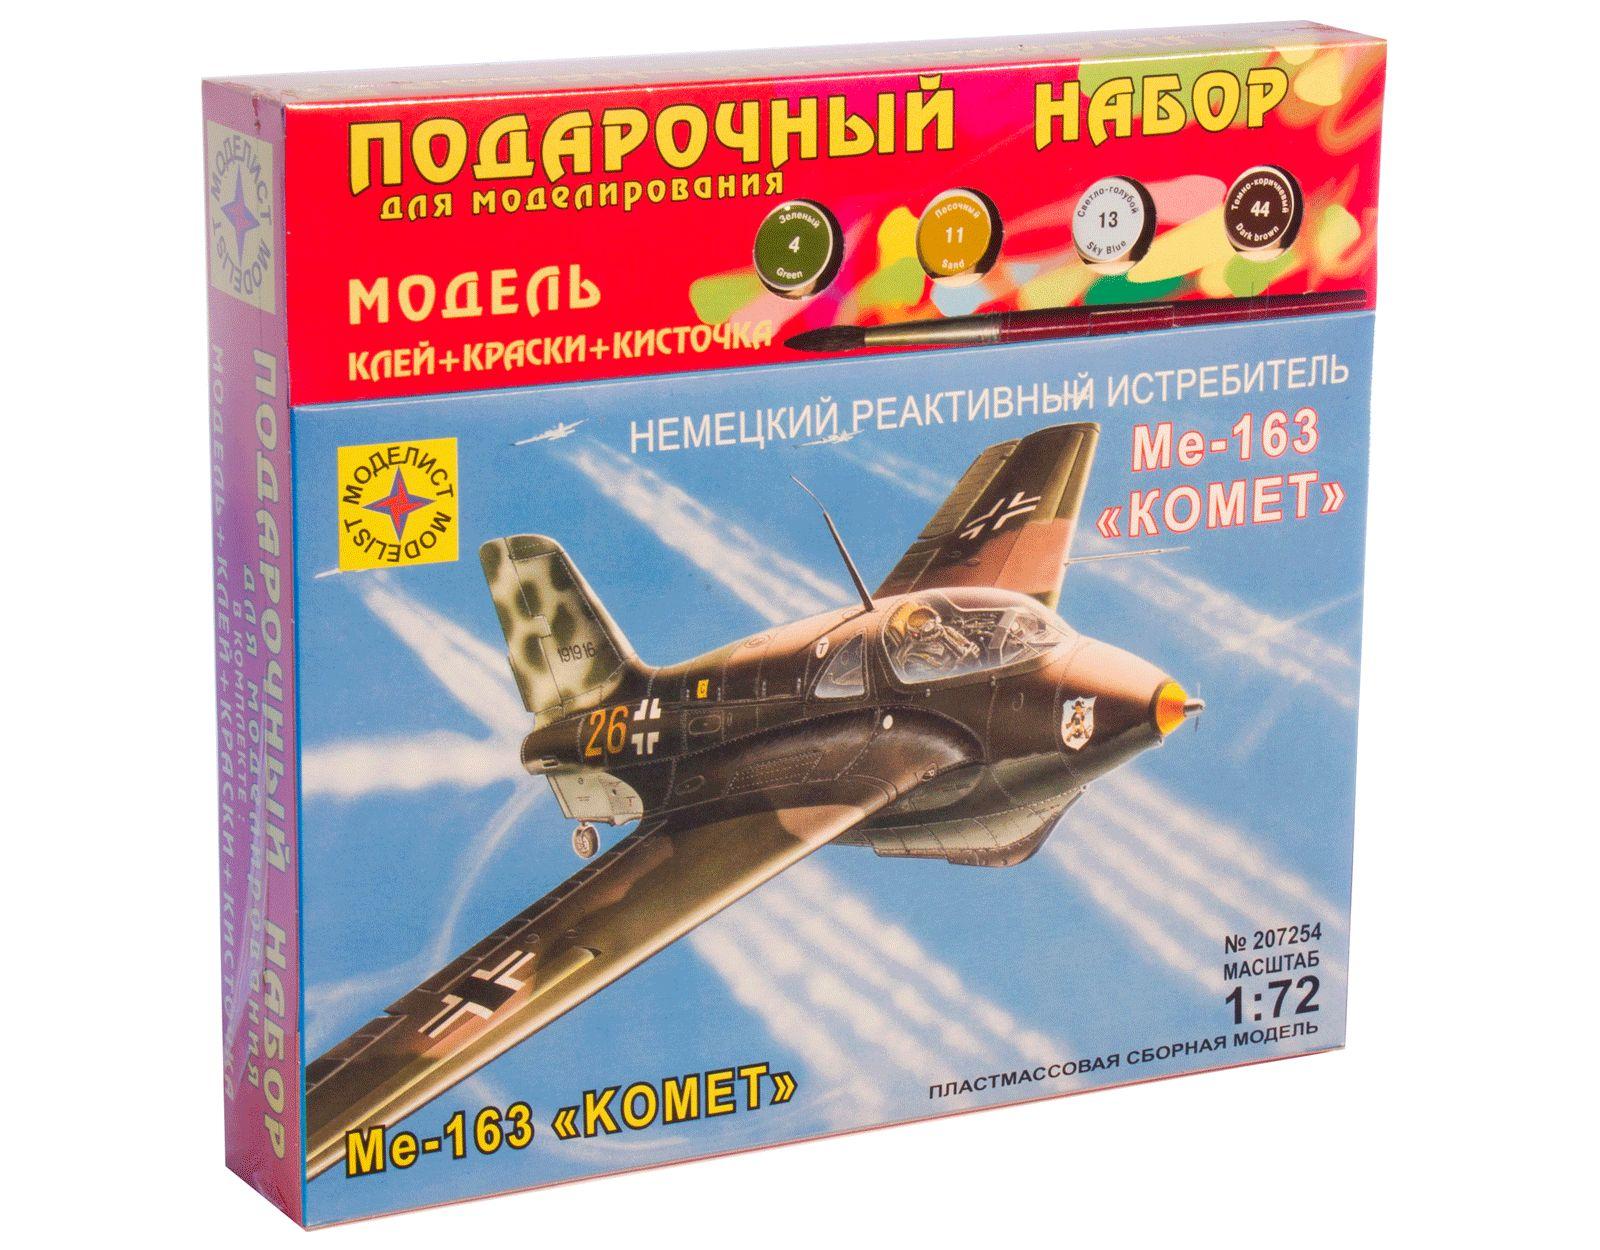 АКЦИЯ-20 Игр Сборная модель Немецкий реактивный истребитель Комет Ме-163 (1